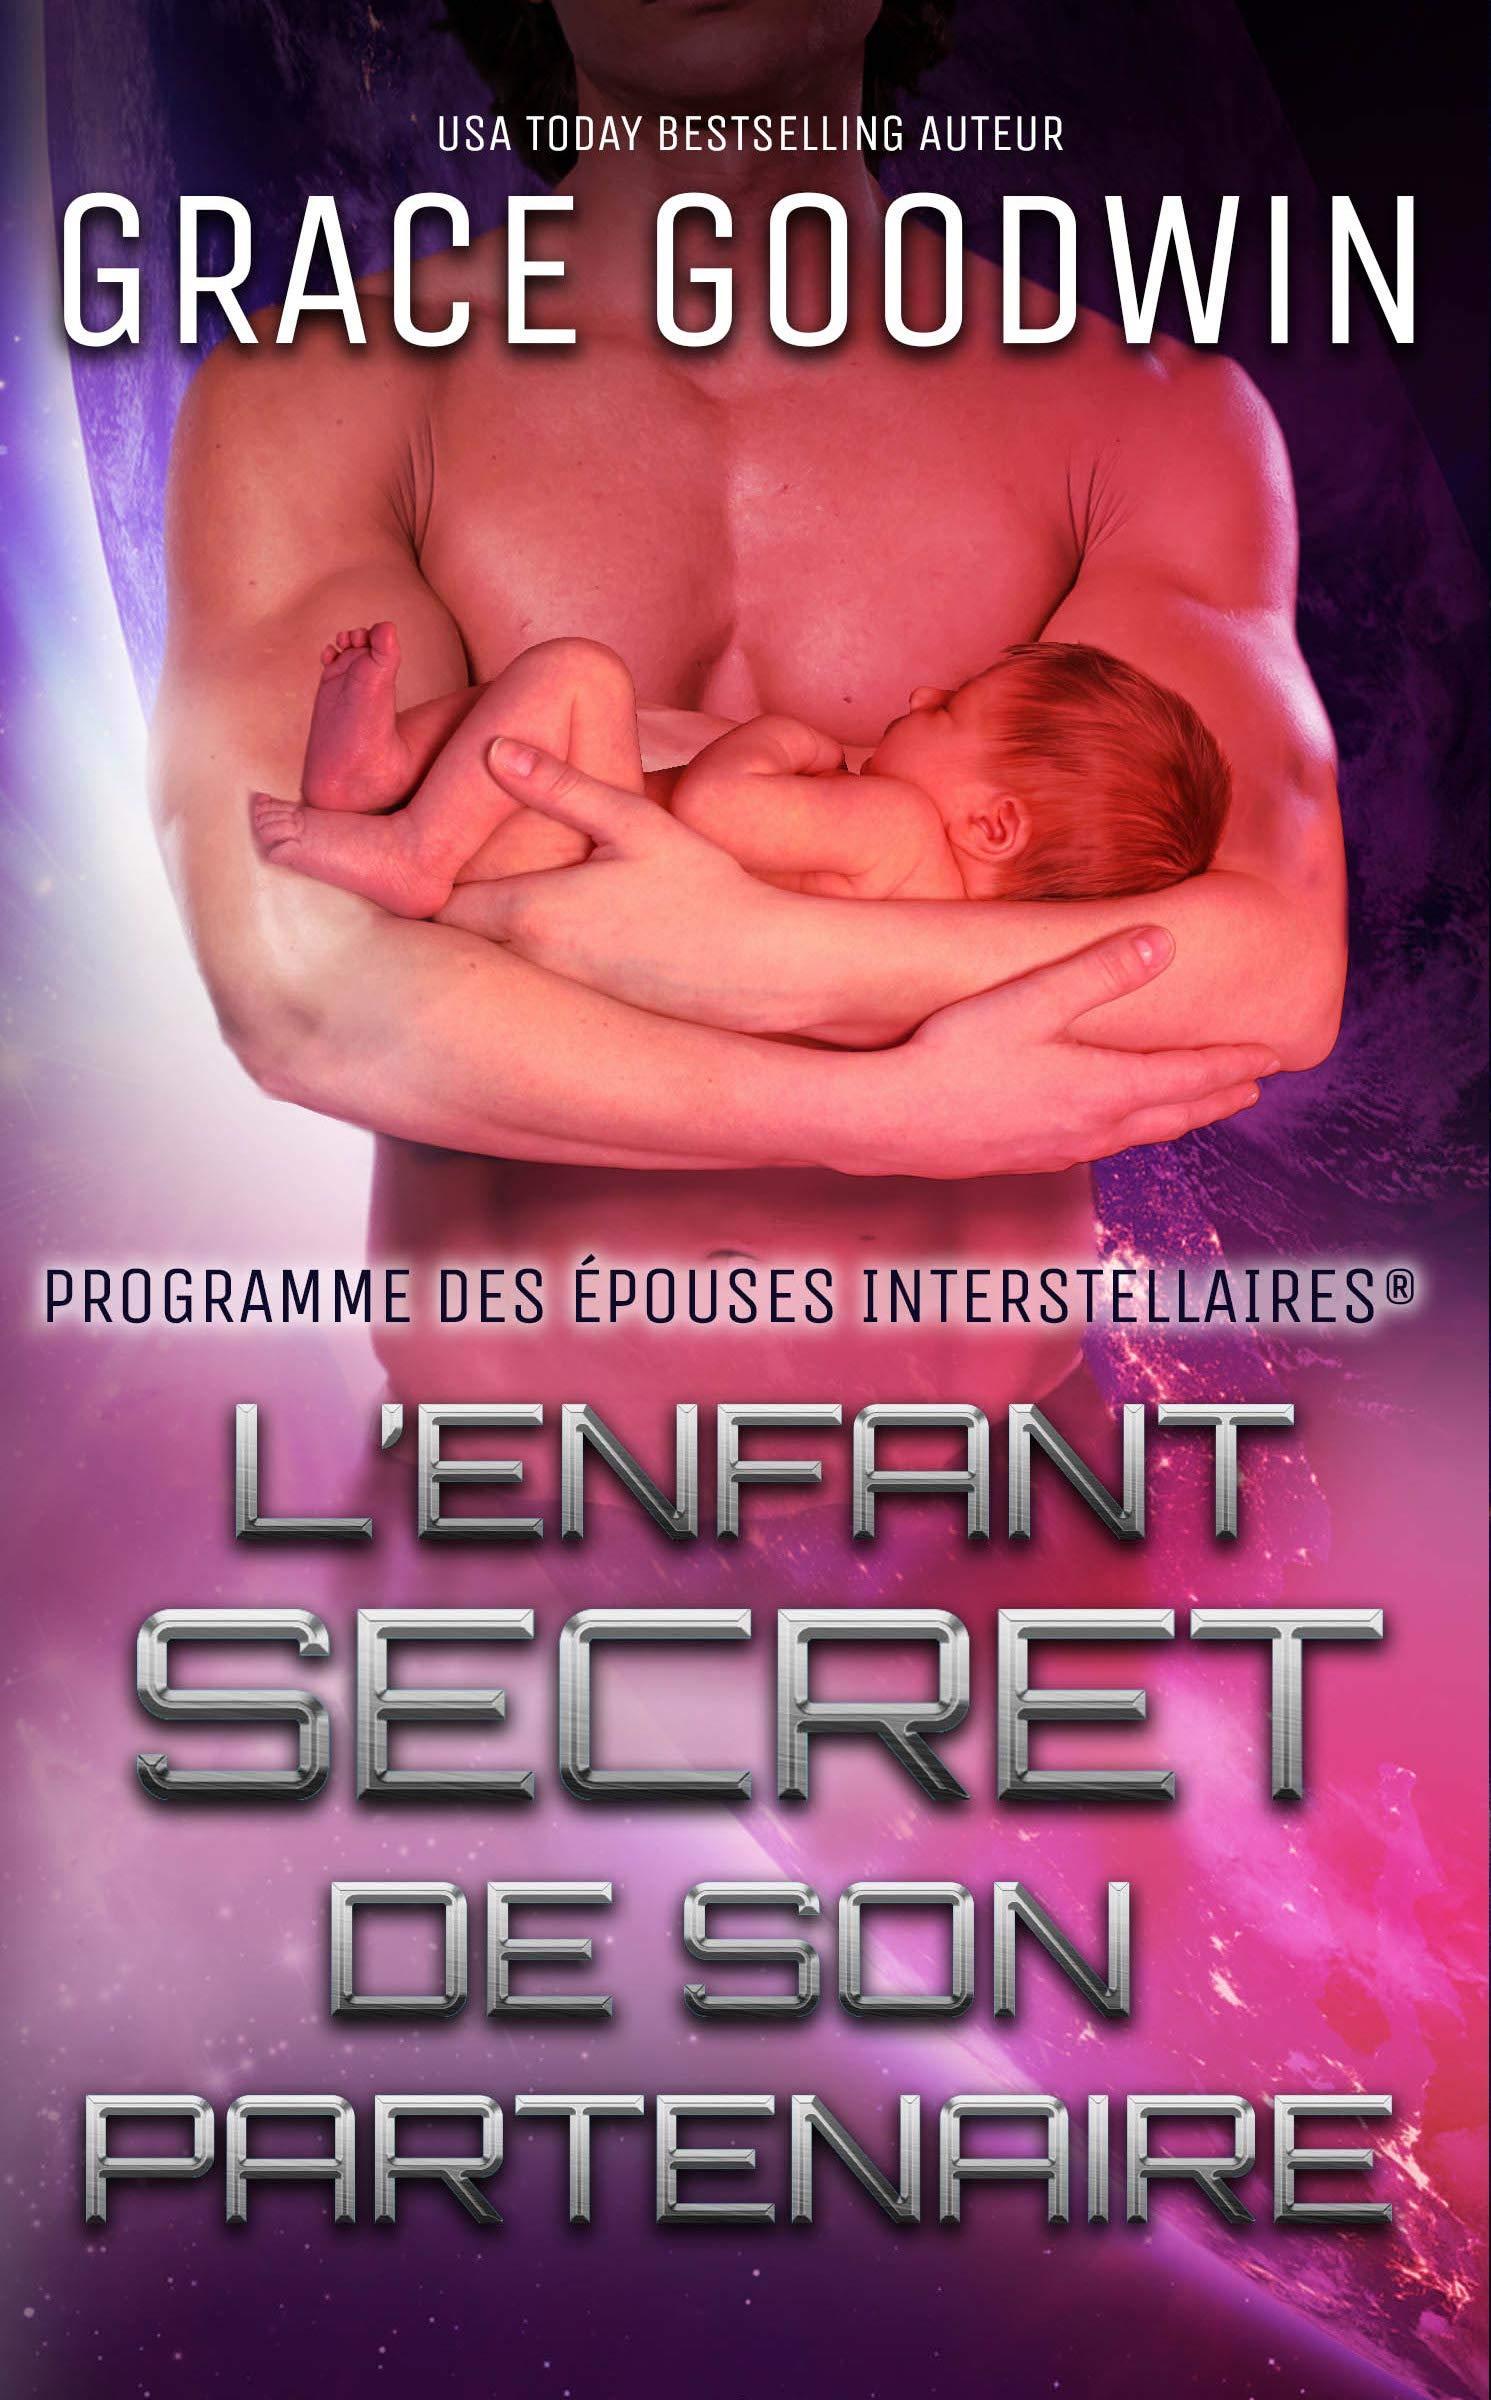 L'Enfant Secret de son Partenaire (Programme des Épouses Interstellaires t. 9) por Grace Goodwin